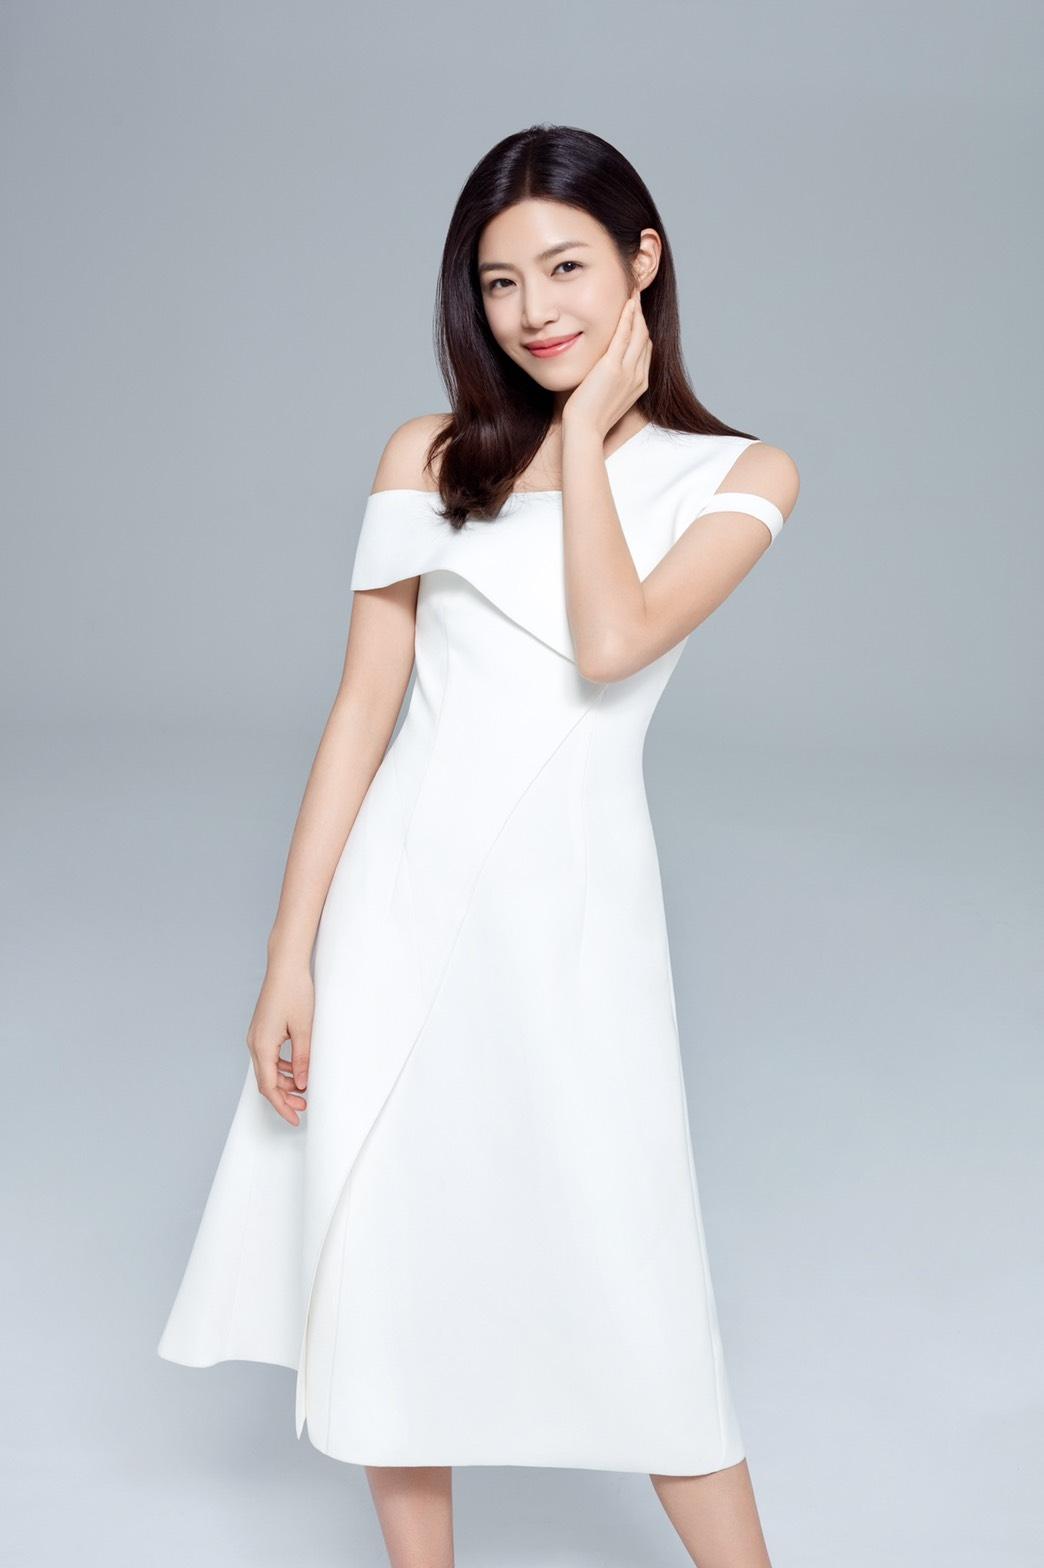 陳妍希實境秀狂操激瘦3公斤! 張書豪憶公主抱強調「她很輕,我體力也好」